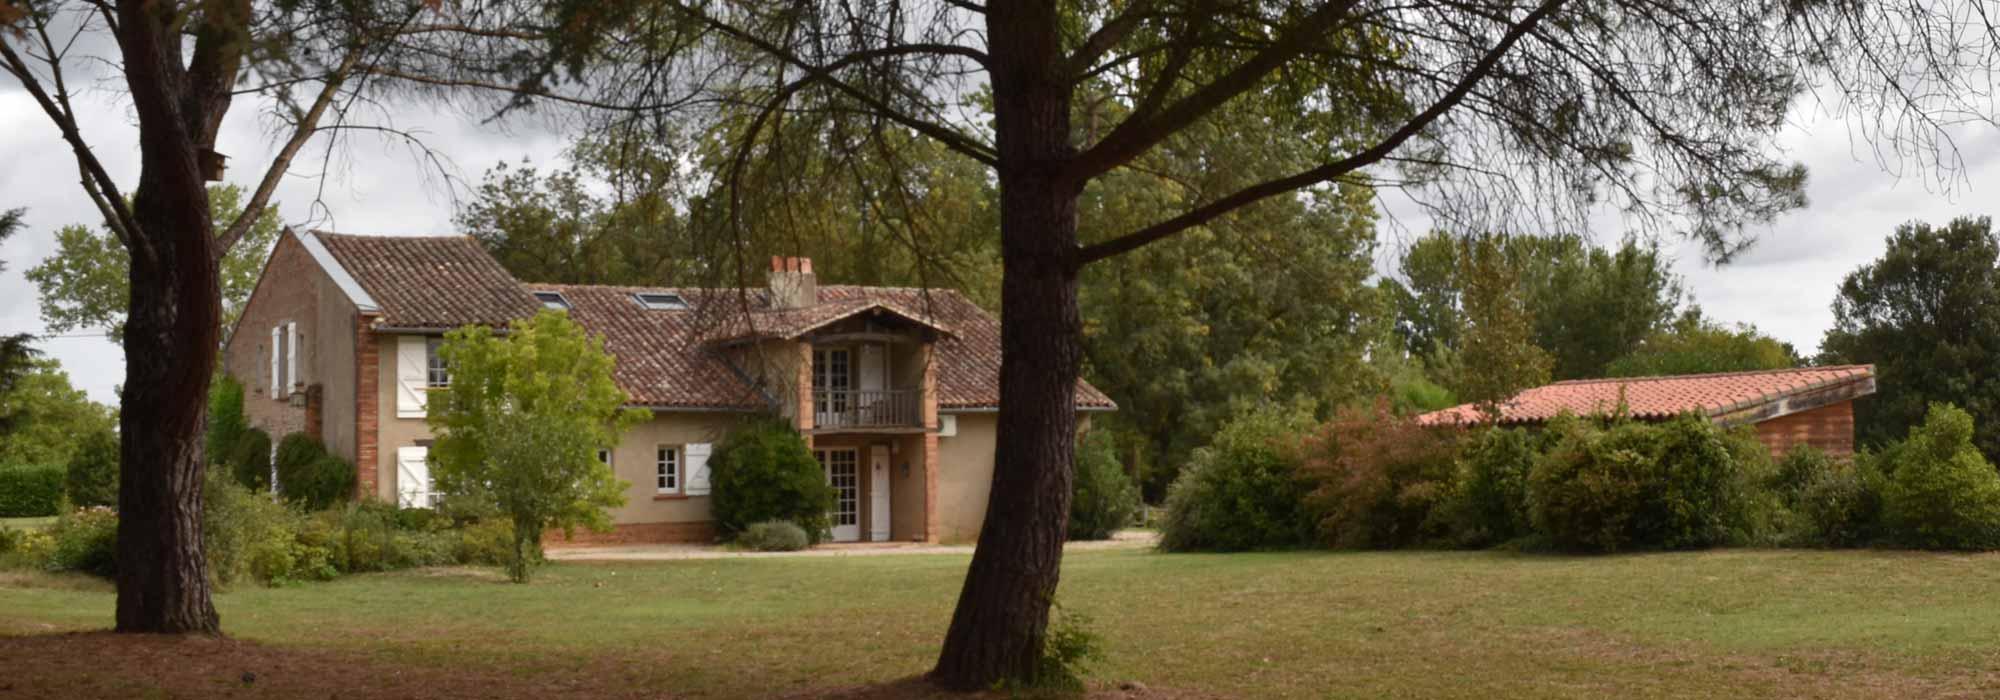 Proche Blagnac Propriété 330 m² au Calme